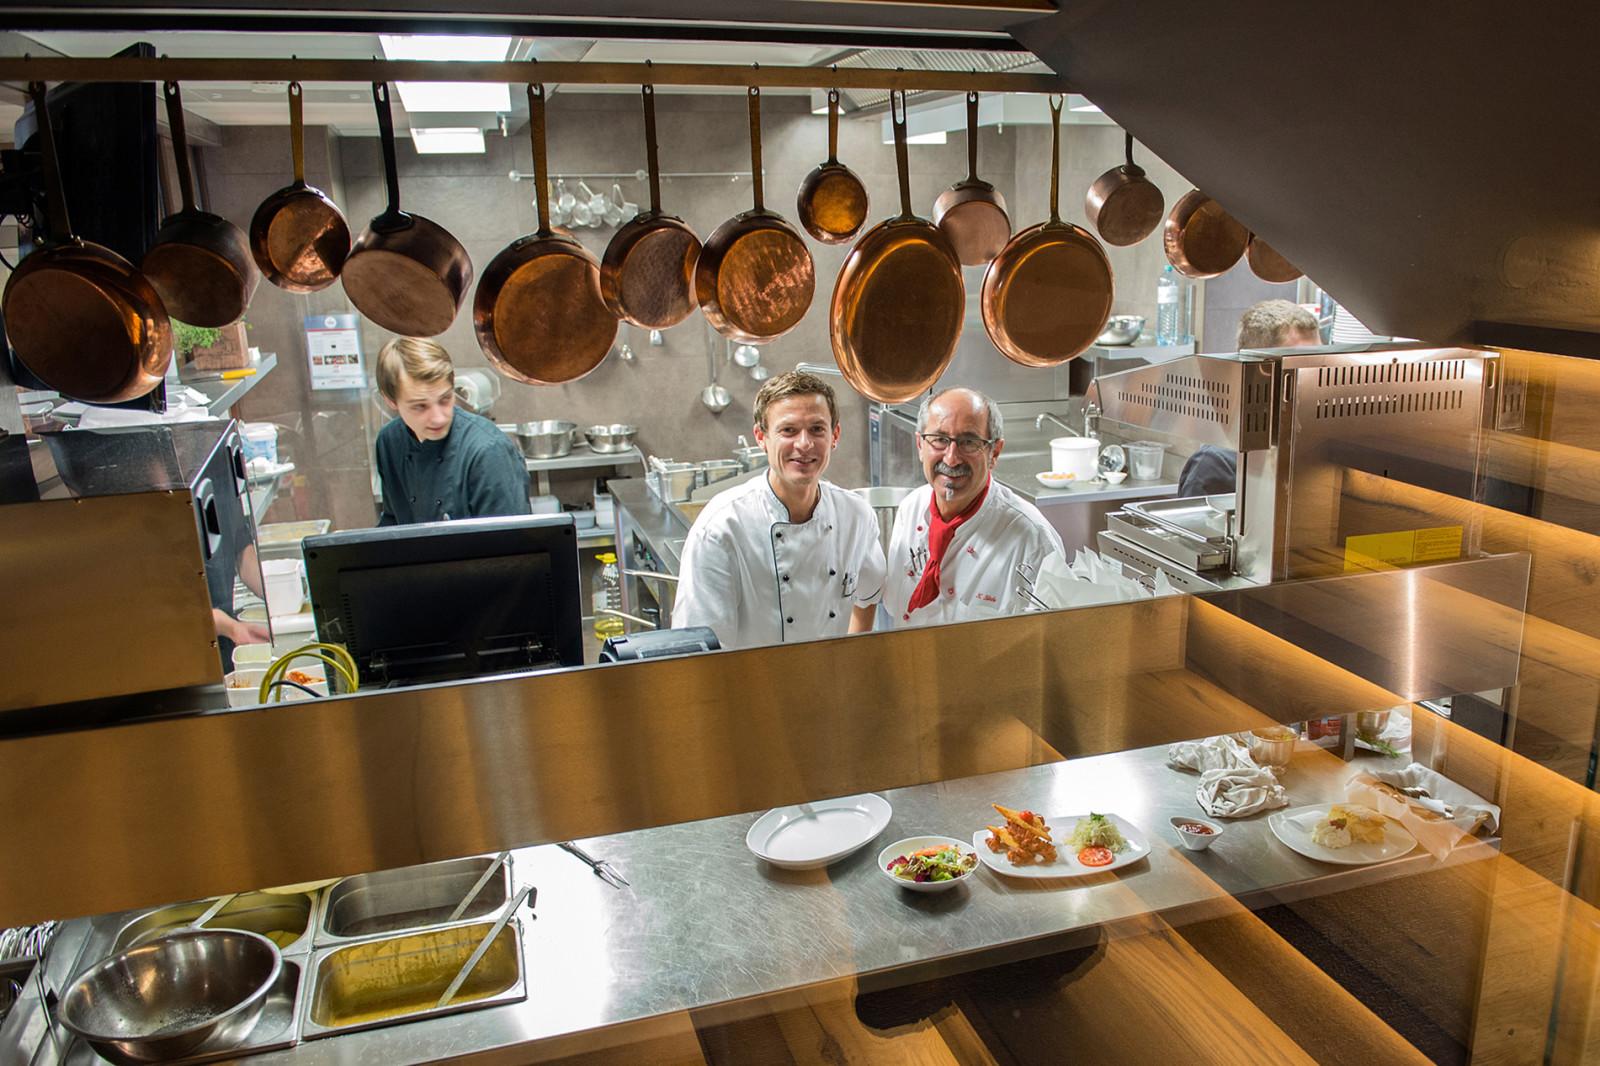 Küche mit Einblick - und freundlichen Gesichtern.